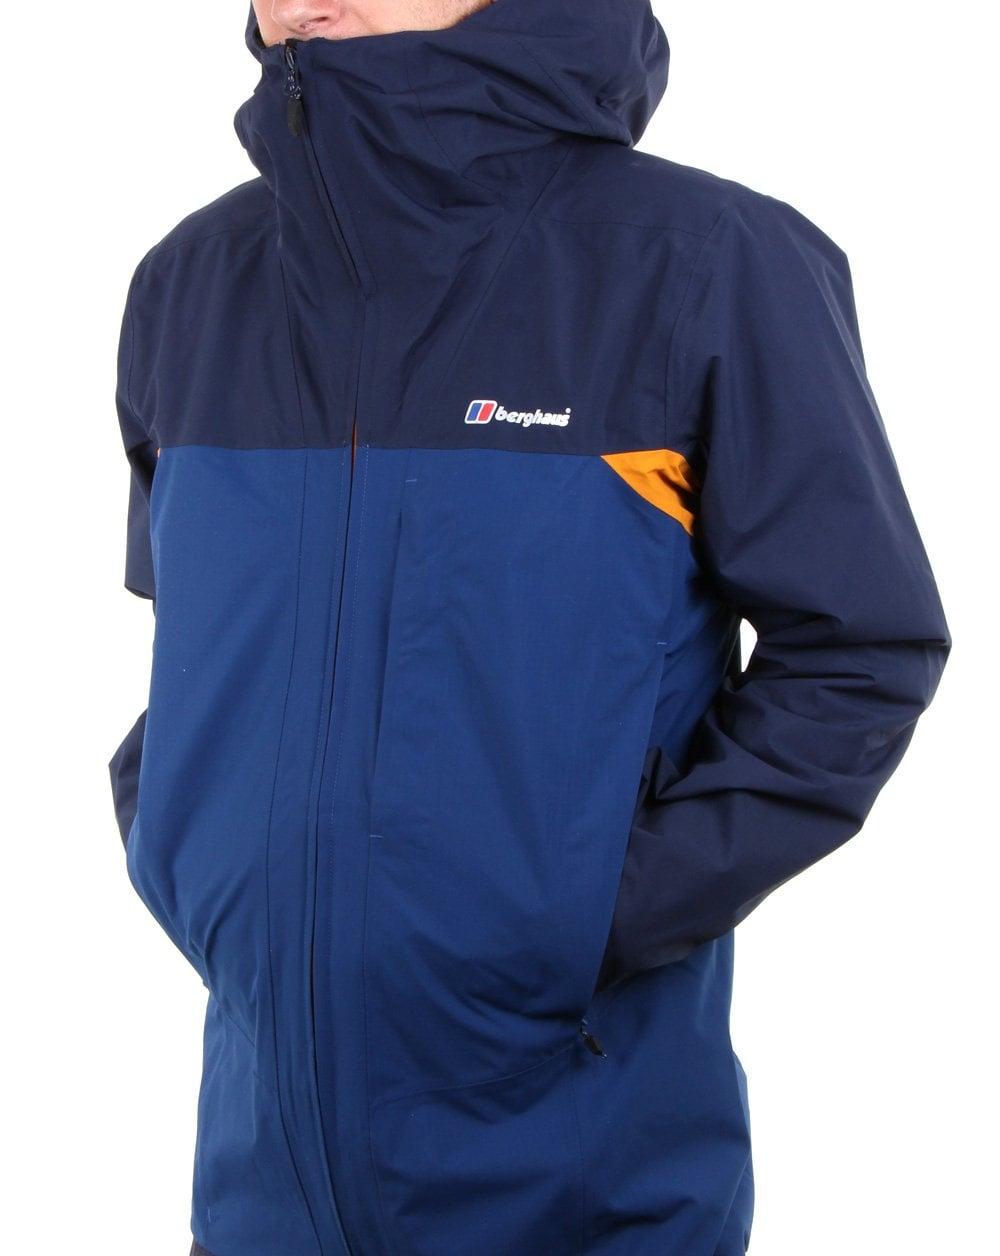 Berghaus Chombu Jacket